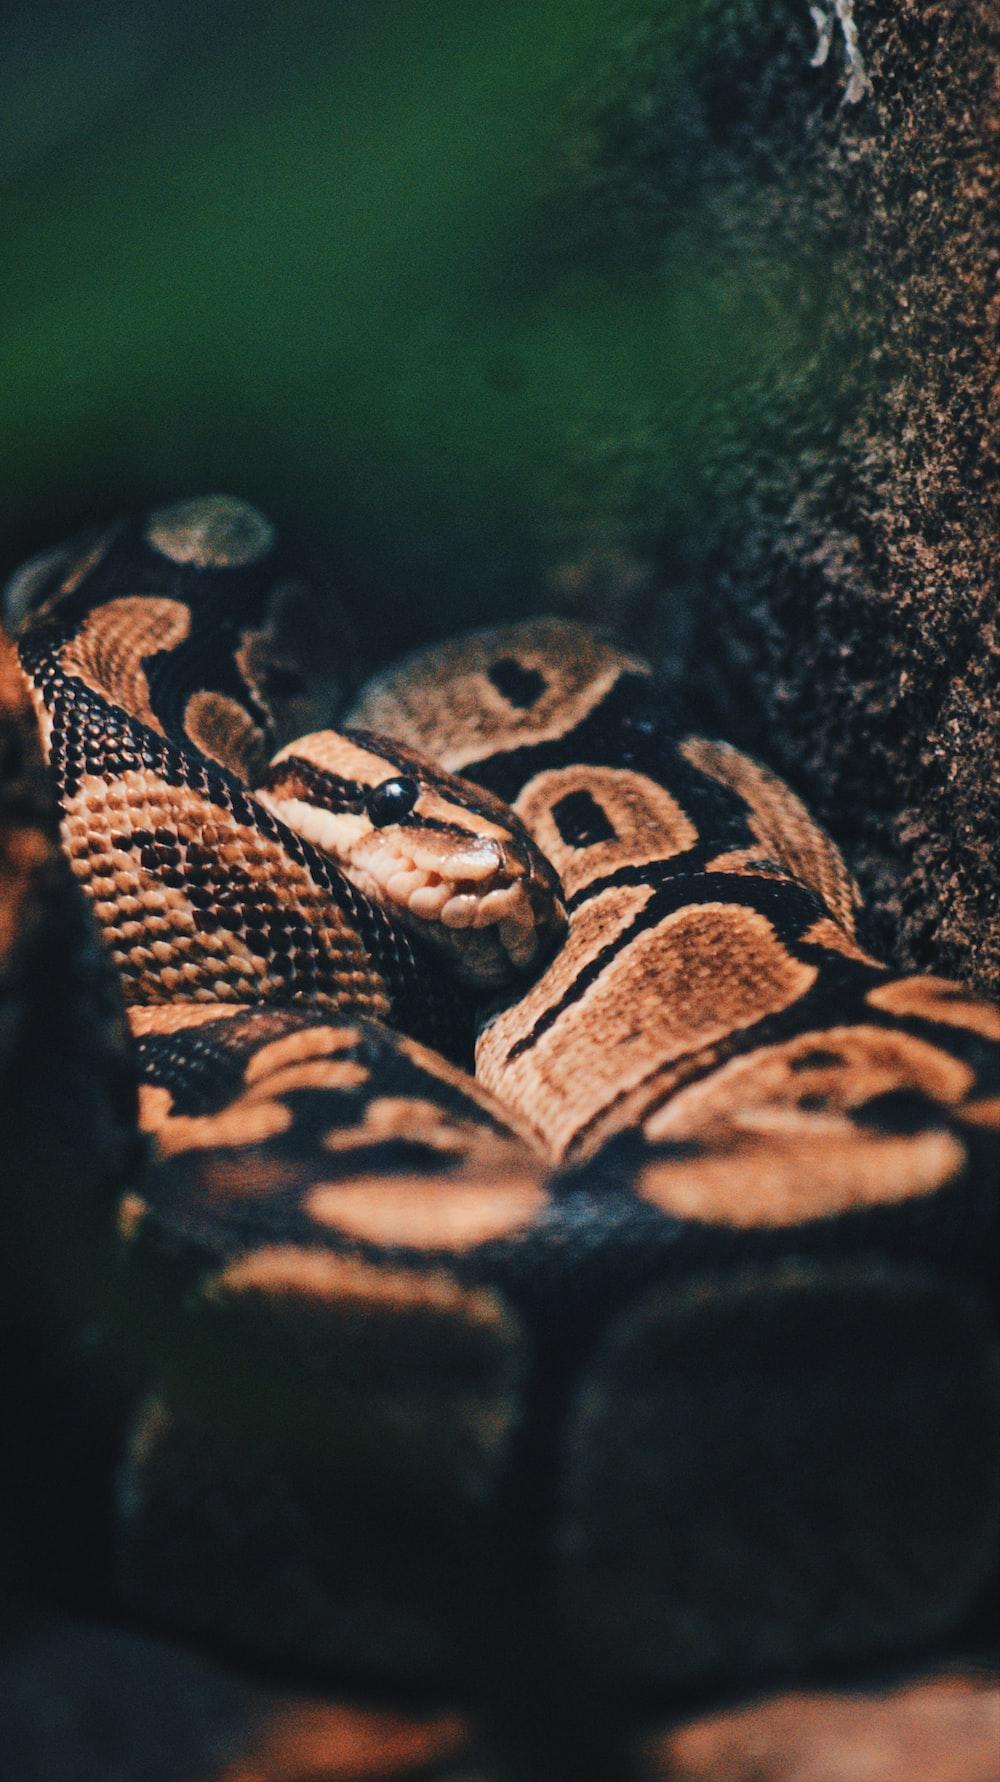 brown ball python